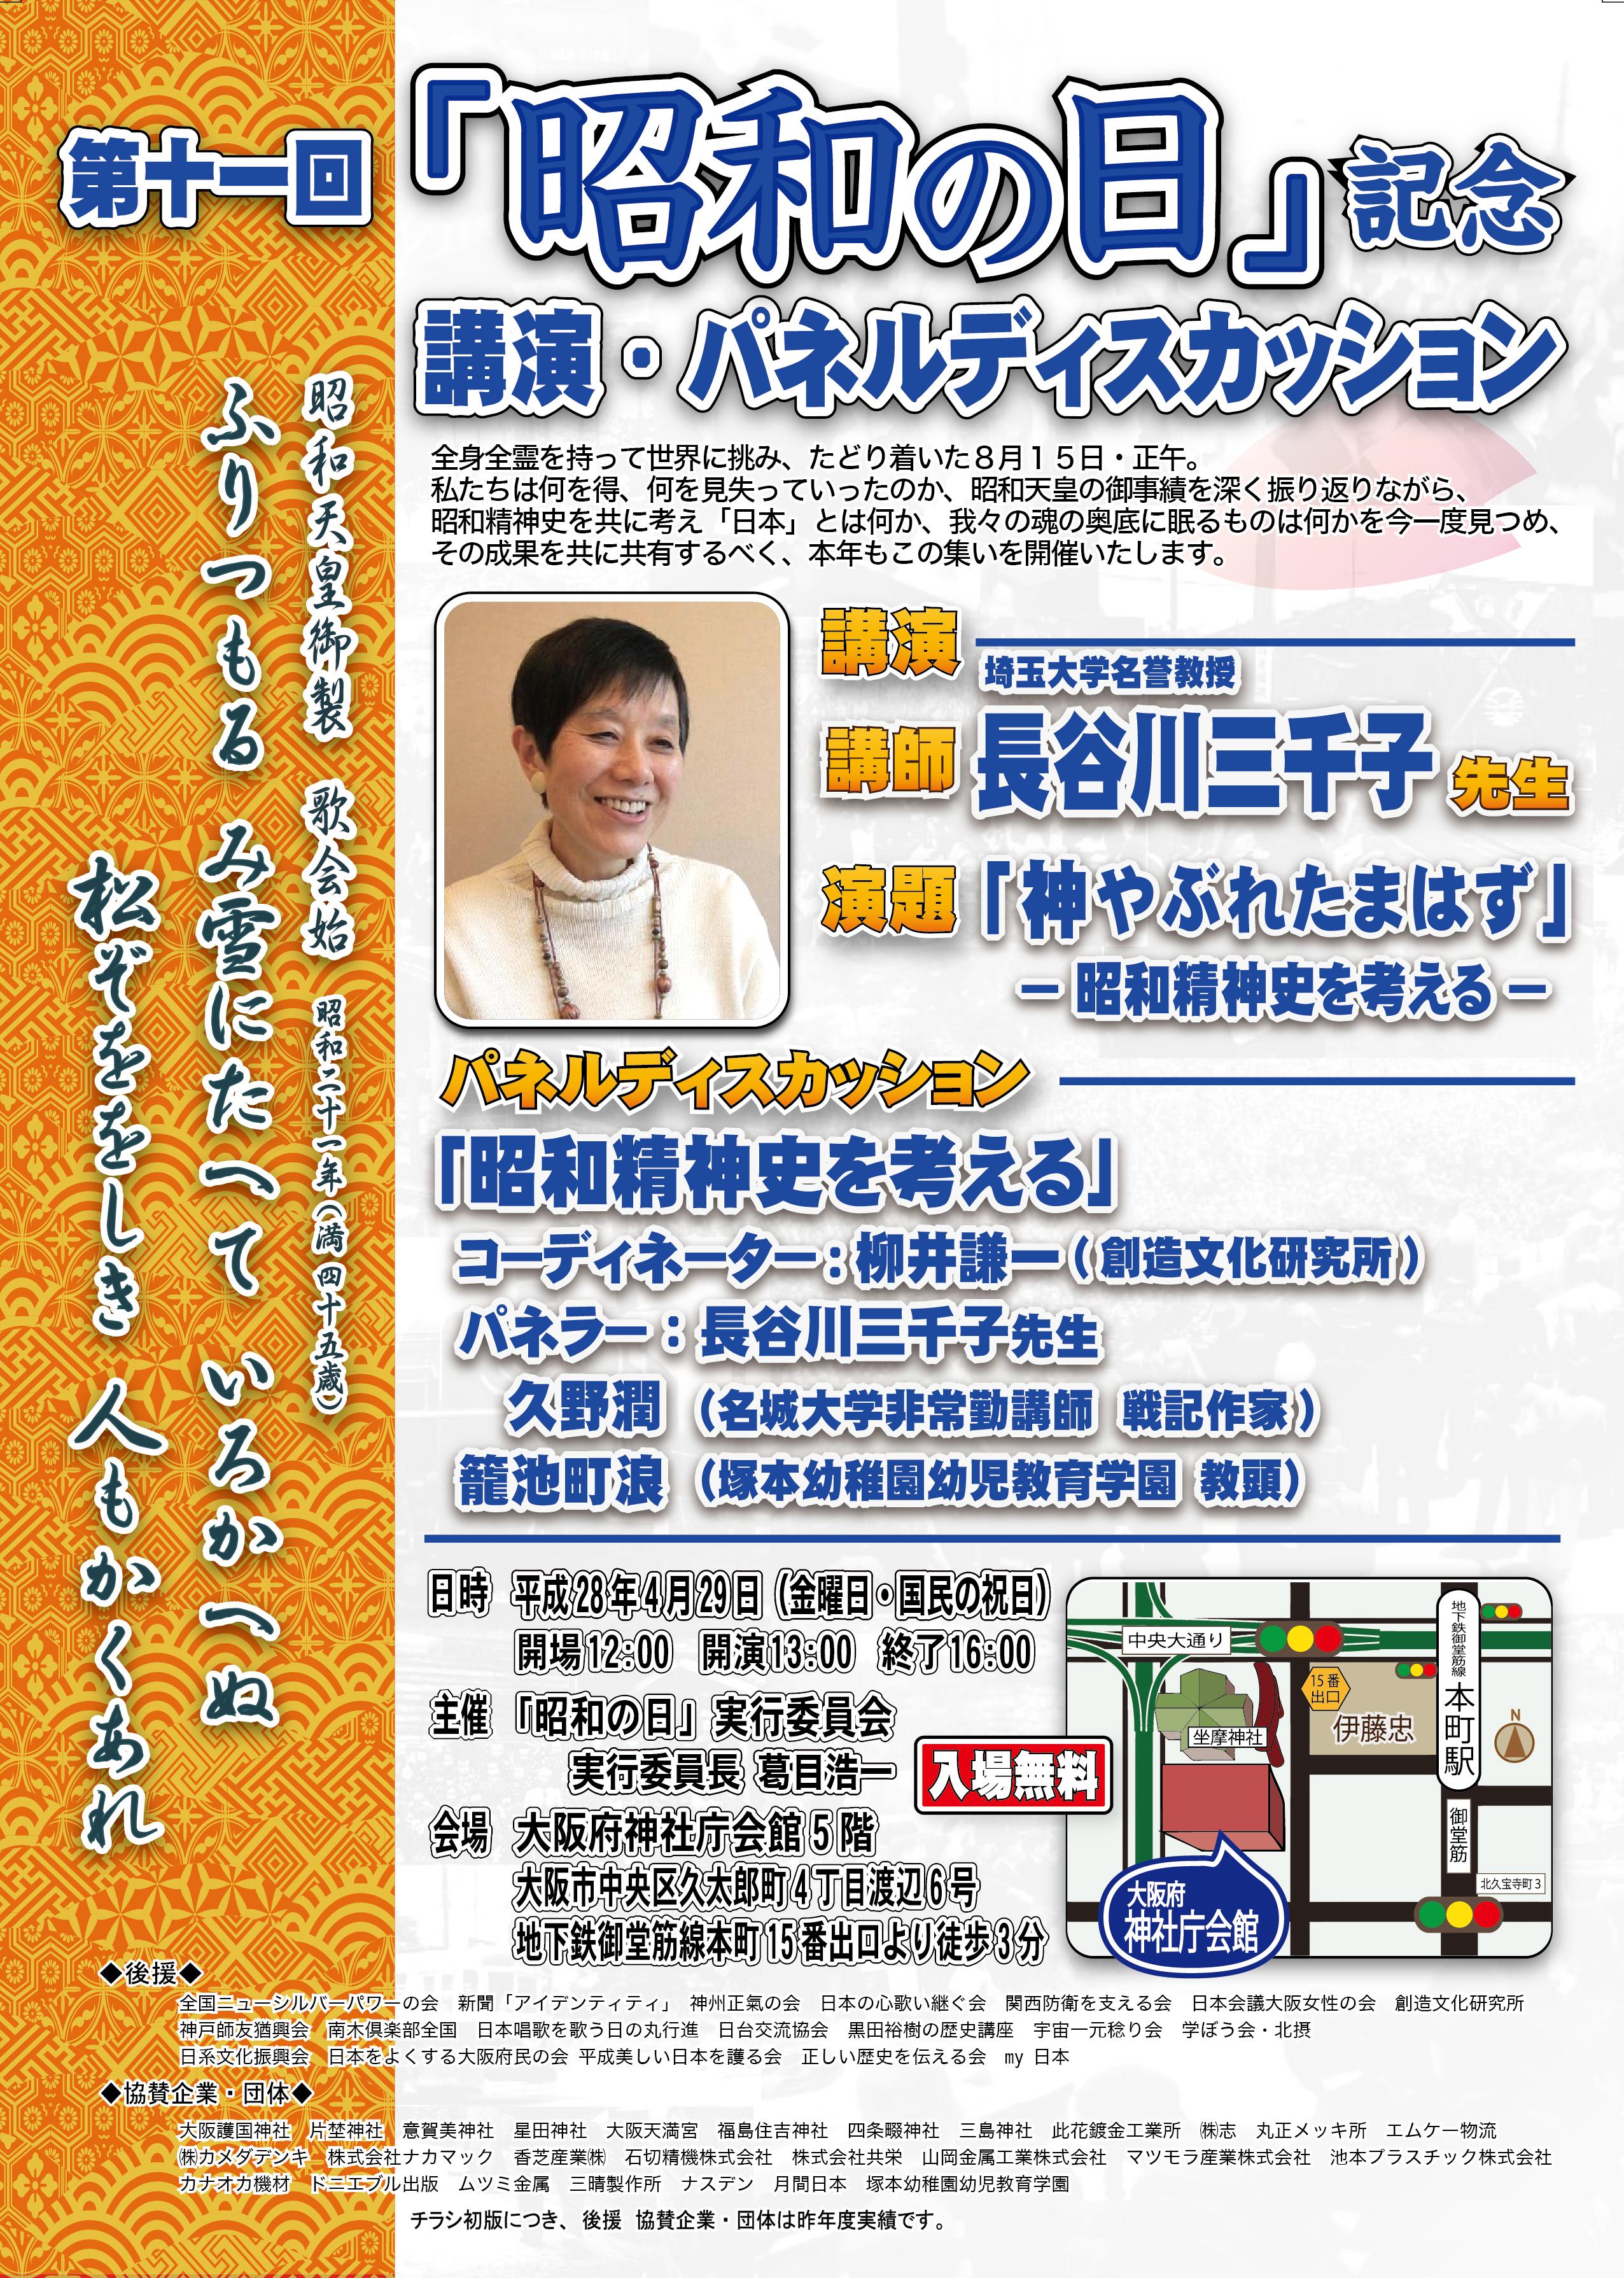 第11回昭和の日記念式典チラシ